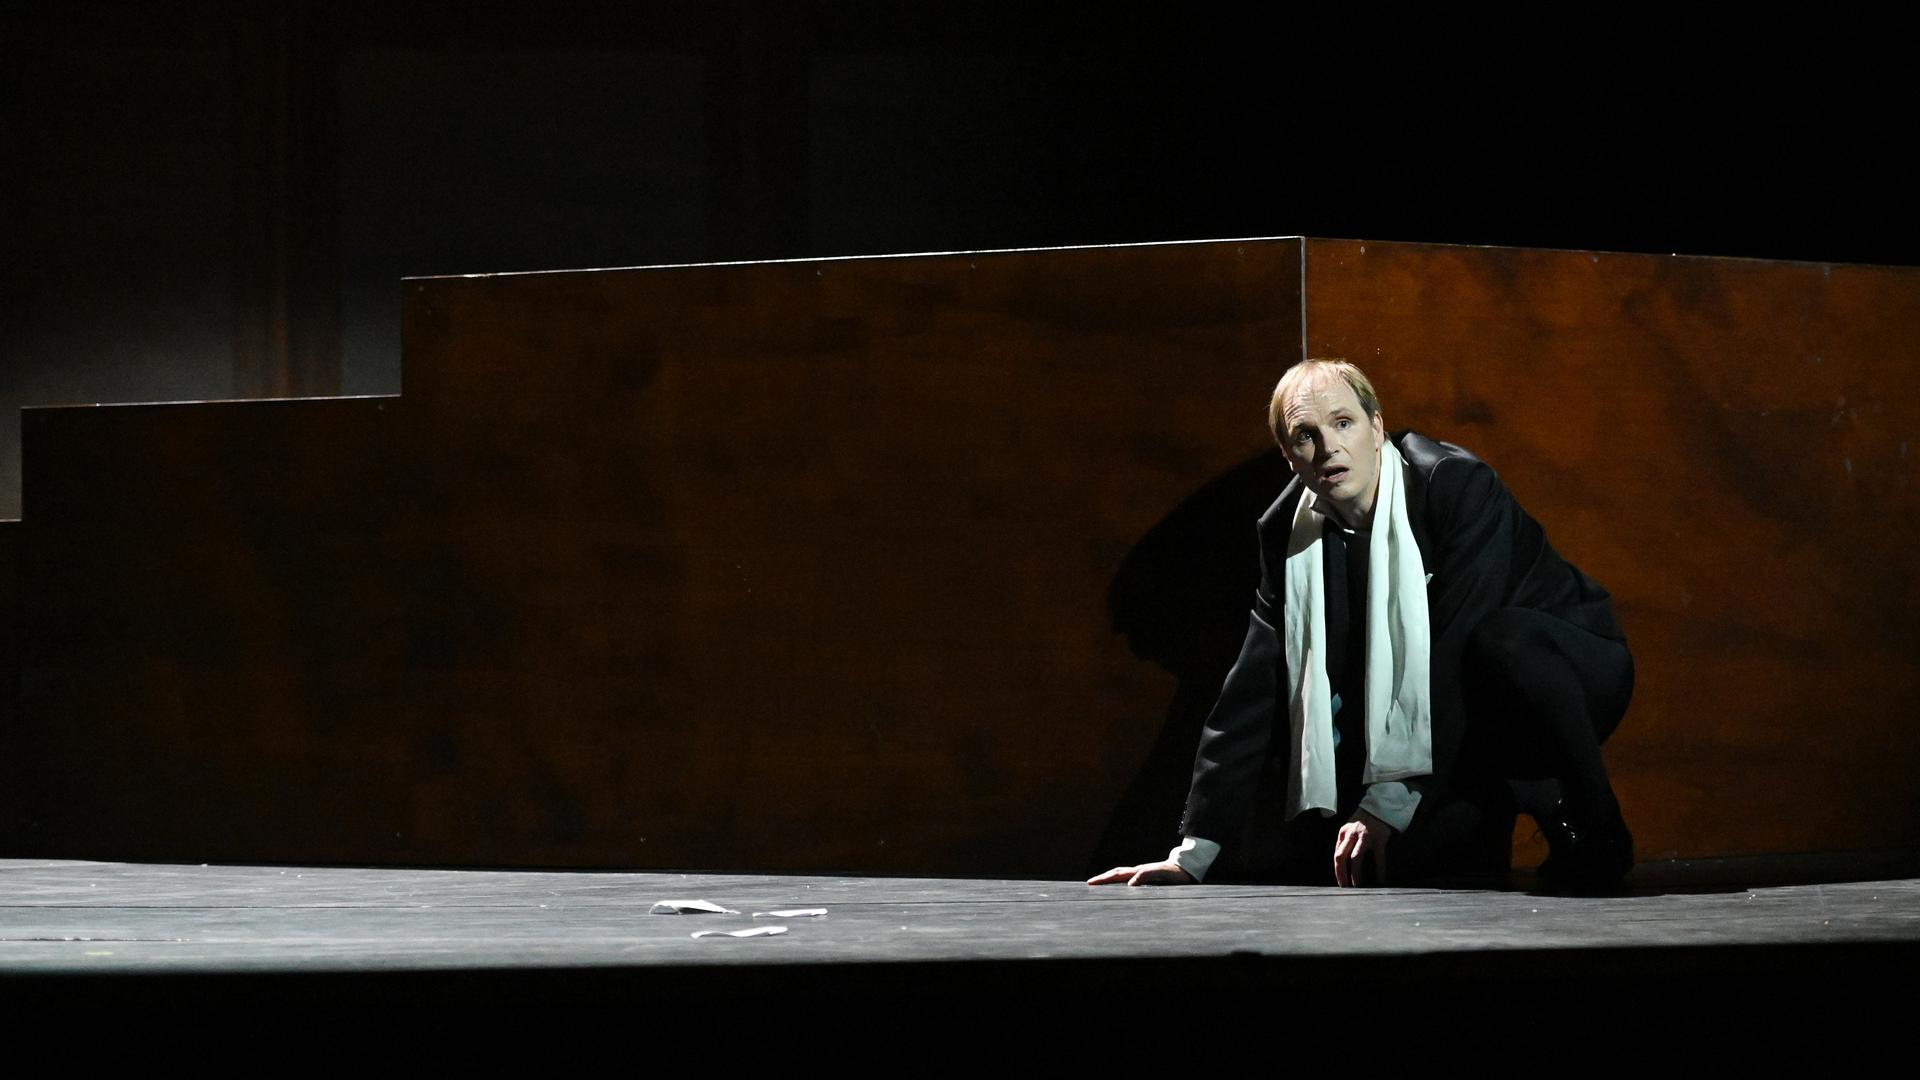 Ein Mann mit weißem Schal kauert auf dem Boden und schaut fragend in die Runde.